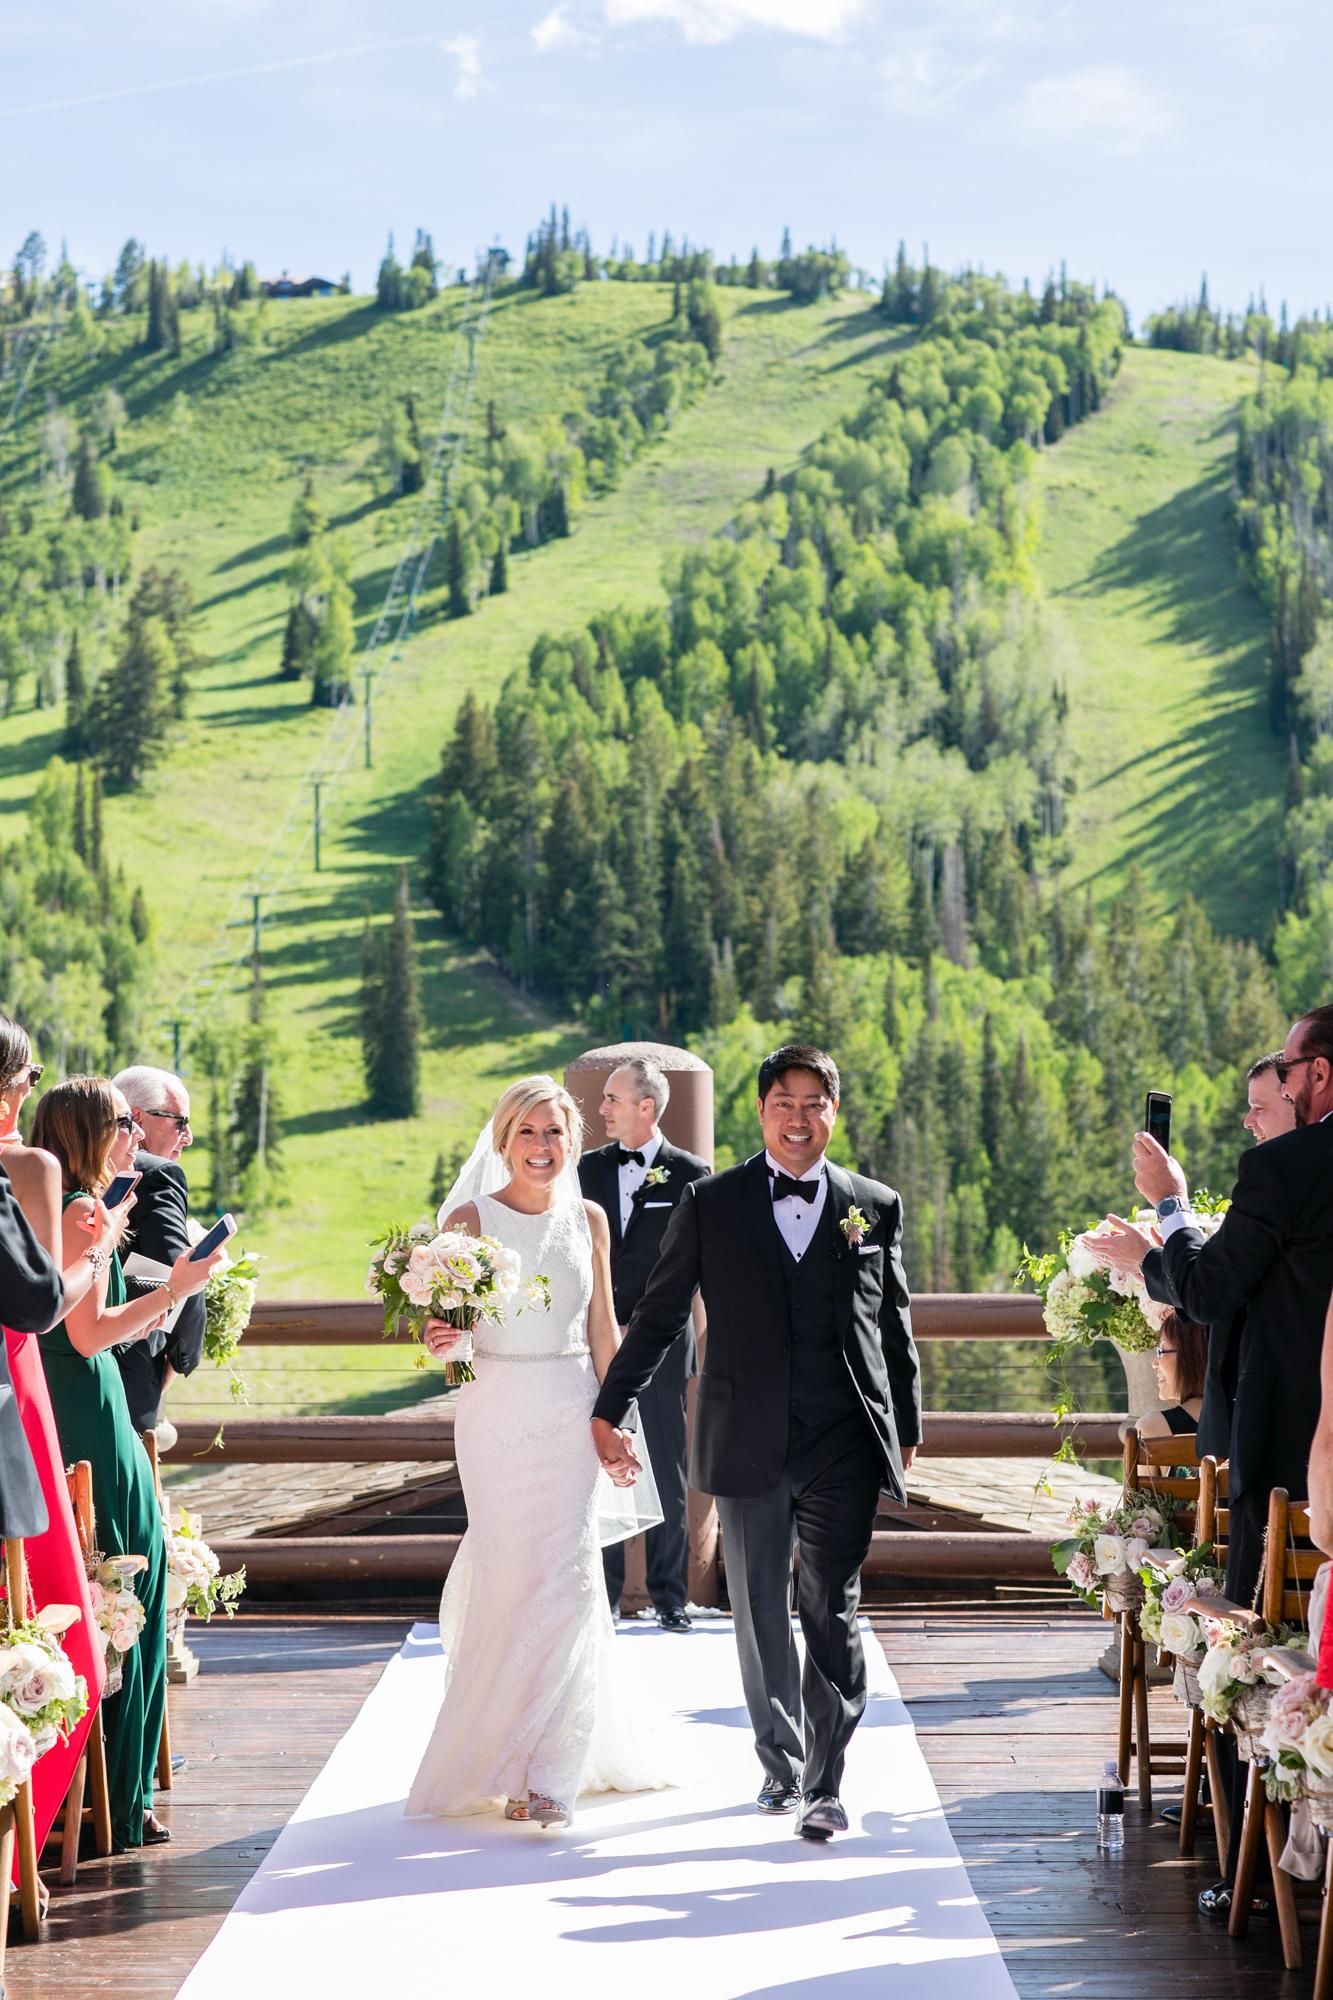 stein-eriksen-wedding-photographer-18.jpg